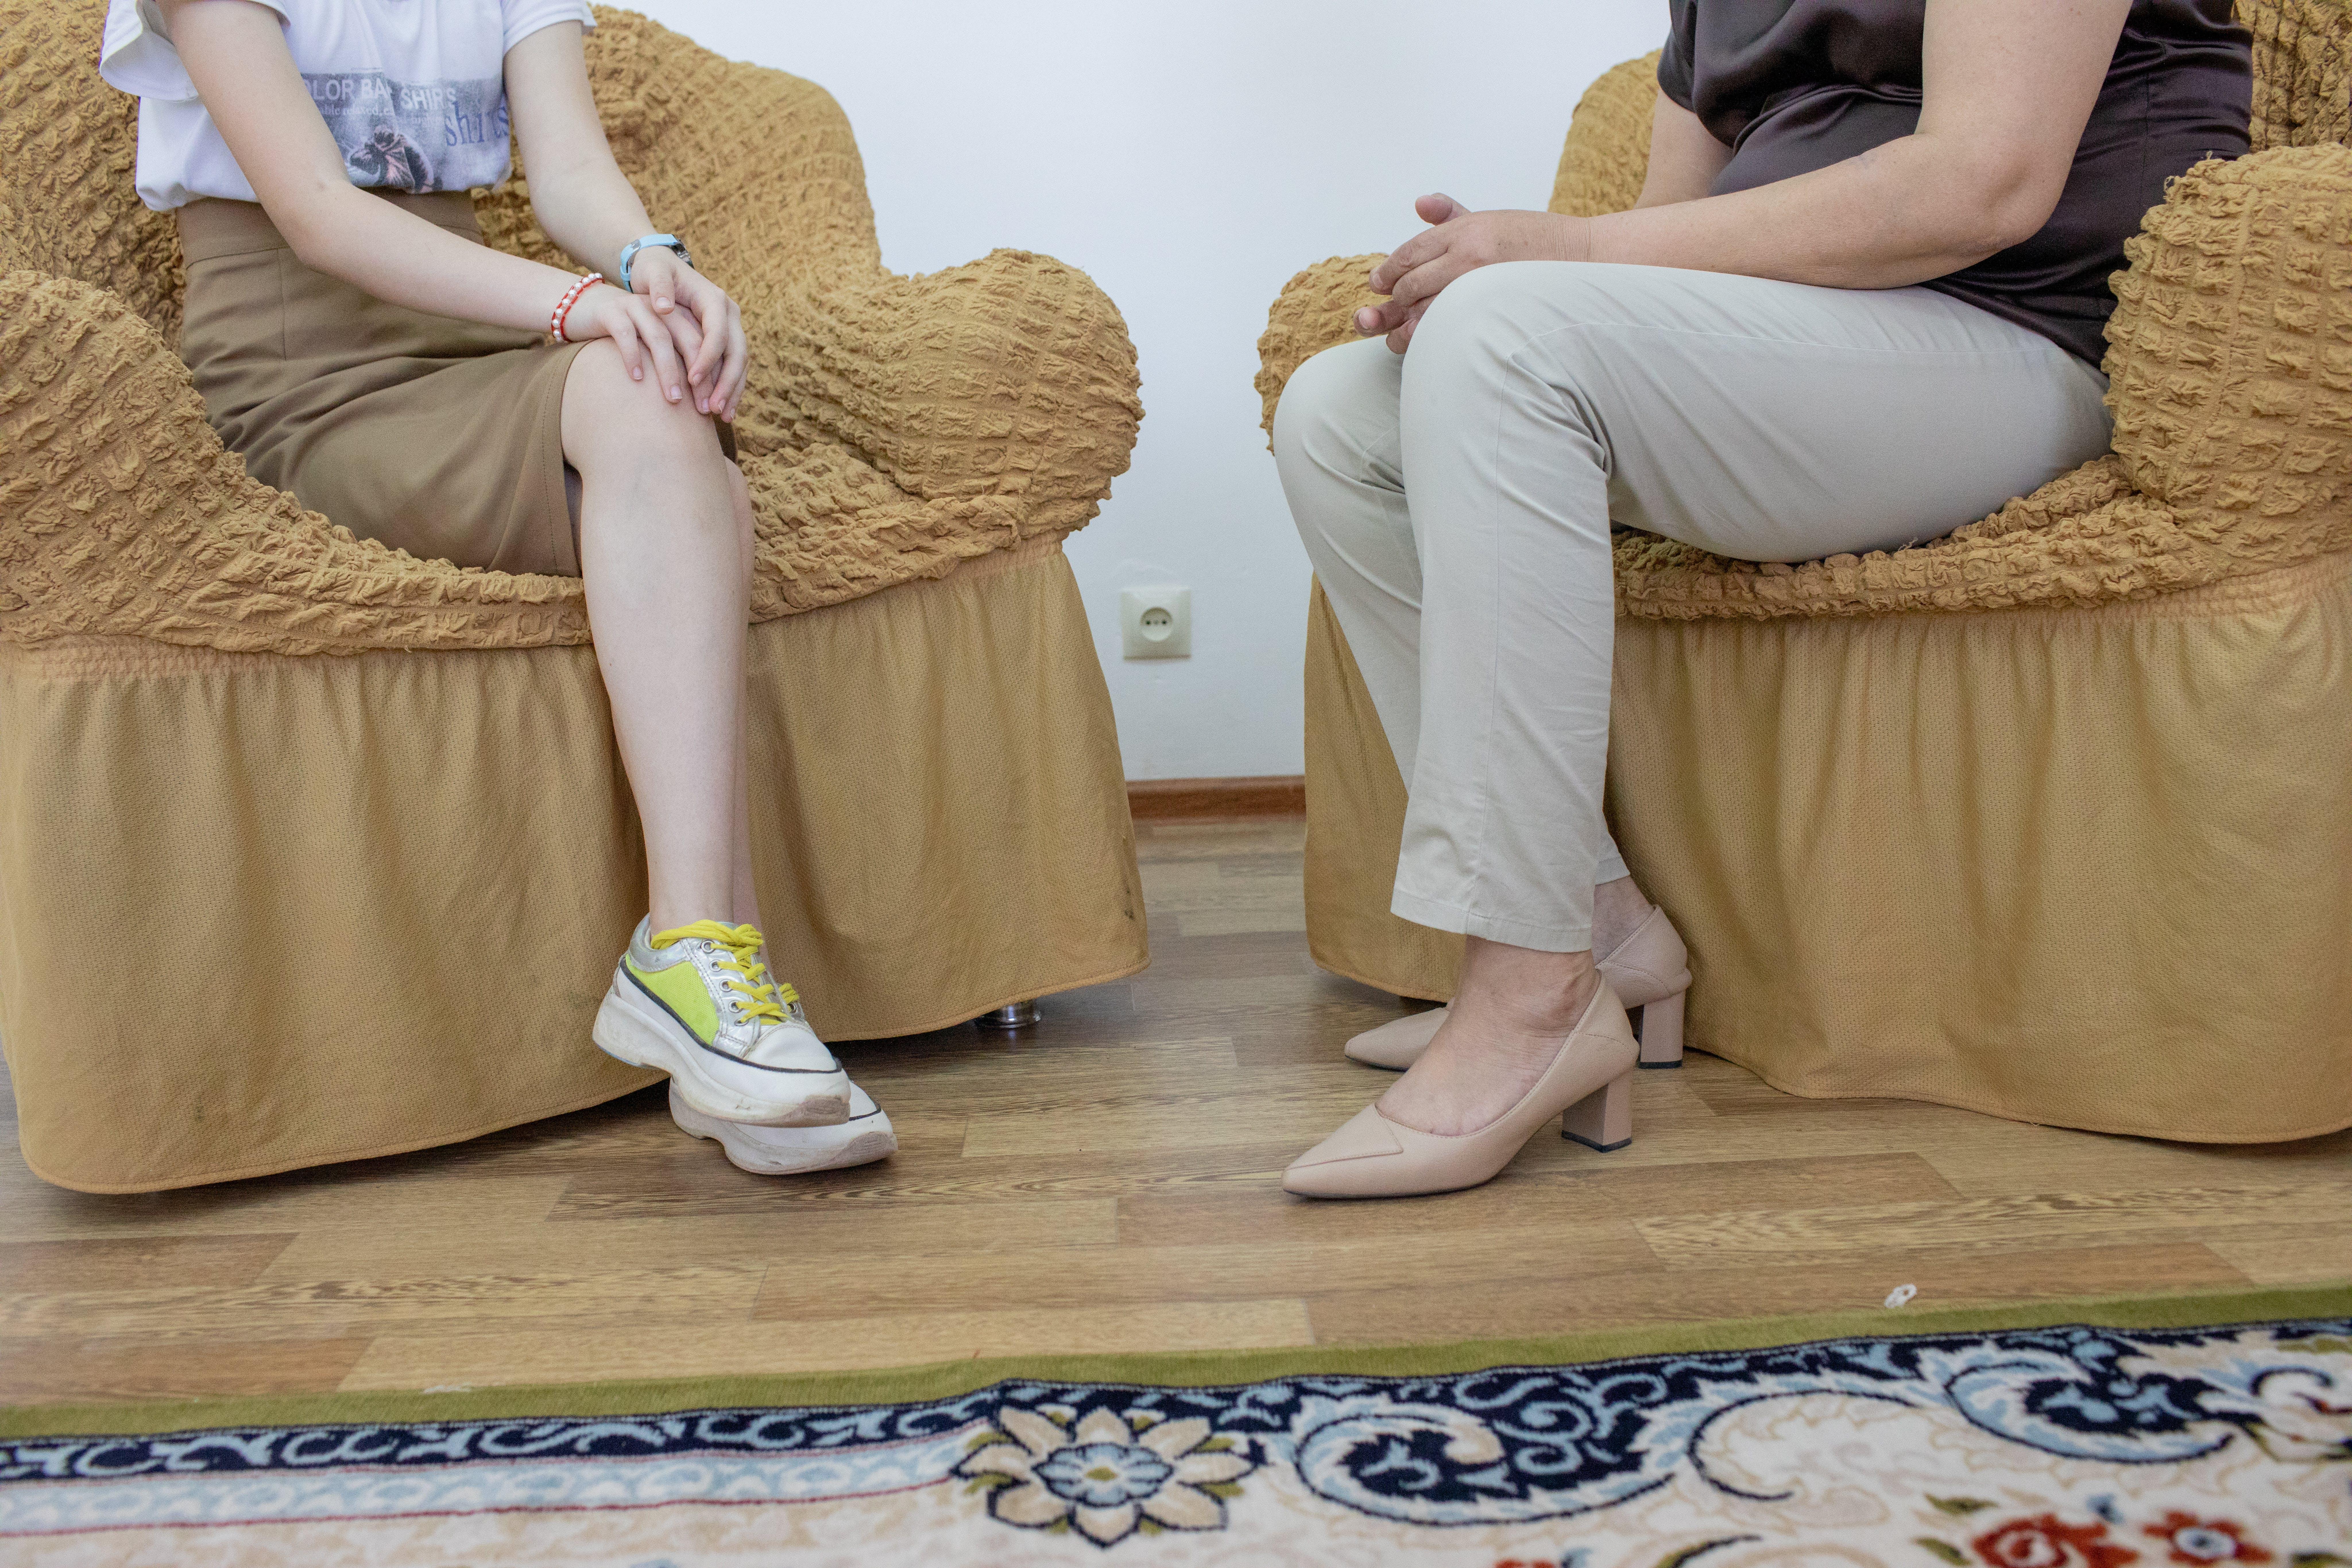 Dina, 14 anni, e la psicologa dell'educazione Liza Palmanova, 51 anni, parlano durante una sessione nell'aula di psicologia di una scuola a Kyzylorda, in Kazakistan, nell'ambito del Programma per la promozione della salute mentale degli adolescenti e la prevenzione del suicidio (AMHSP) .